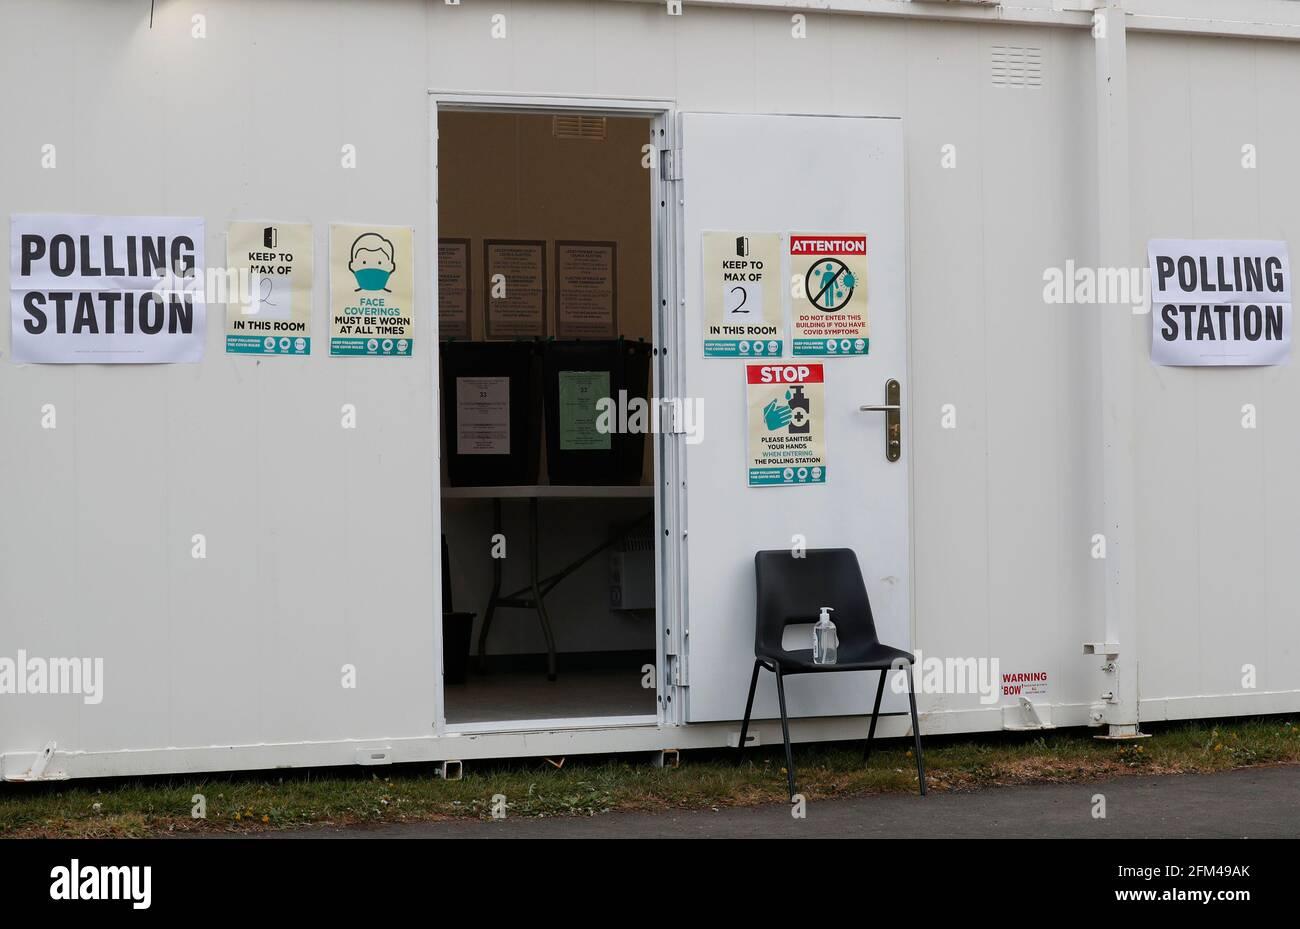 Shepshed, Leicestershire, Reino Unido. 6th de mayo de 2021. El equipo de desinfección se sienta en una silla fuera de una mesa electoral en una unidad móvil durante las elecciones locales. Millones de personas en toda Gran Bretaña emigran una votación el jueves en el mayor número de votos desde las elecciones generales de 2019. Credit Darren Staples/Alamy Live News. Foto de stock